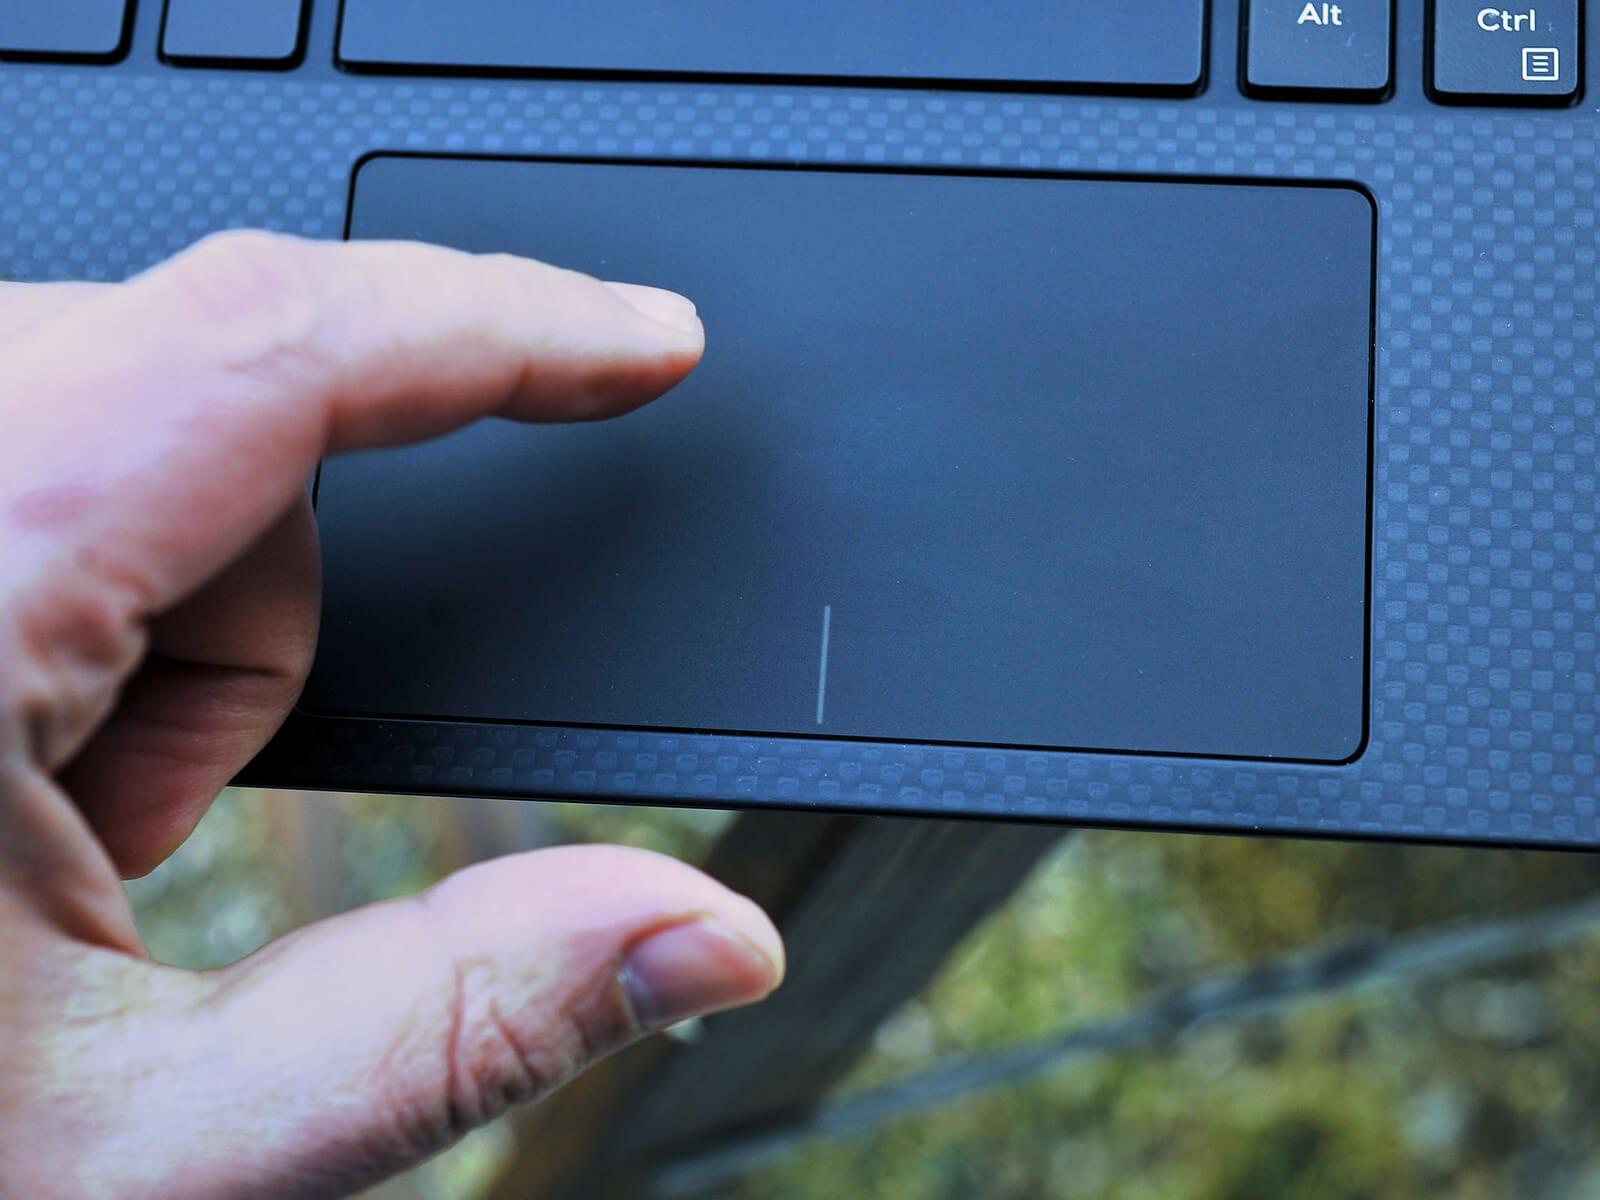 Laptop Touchpad Çalışmıyor Touchpad Çalışmıyor Laptop Touchpad Çalışmıyor Sorunu touchpad calismiyor